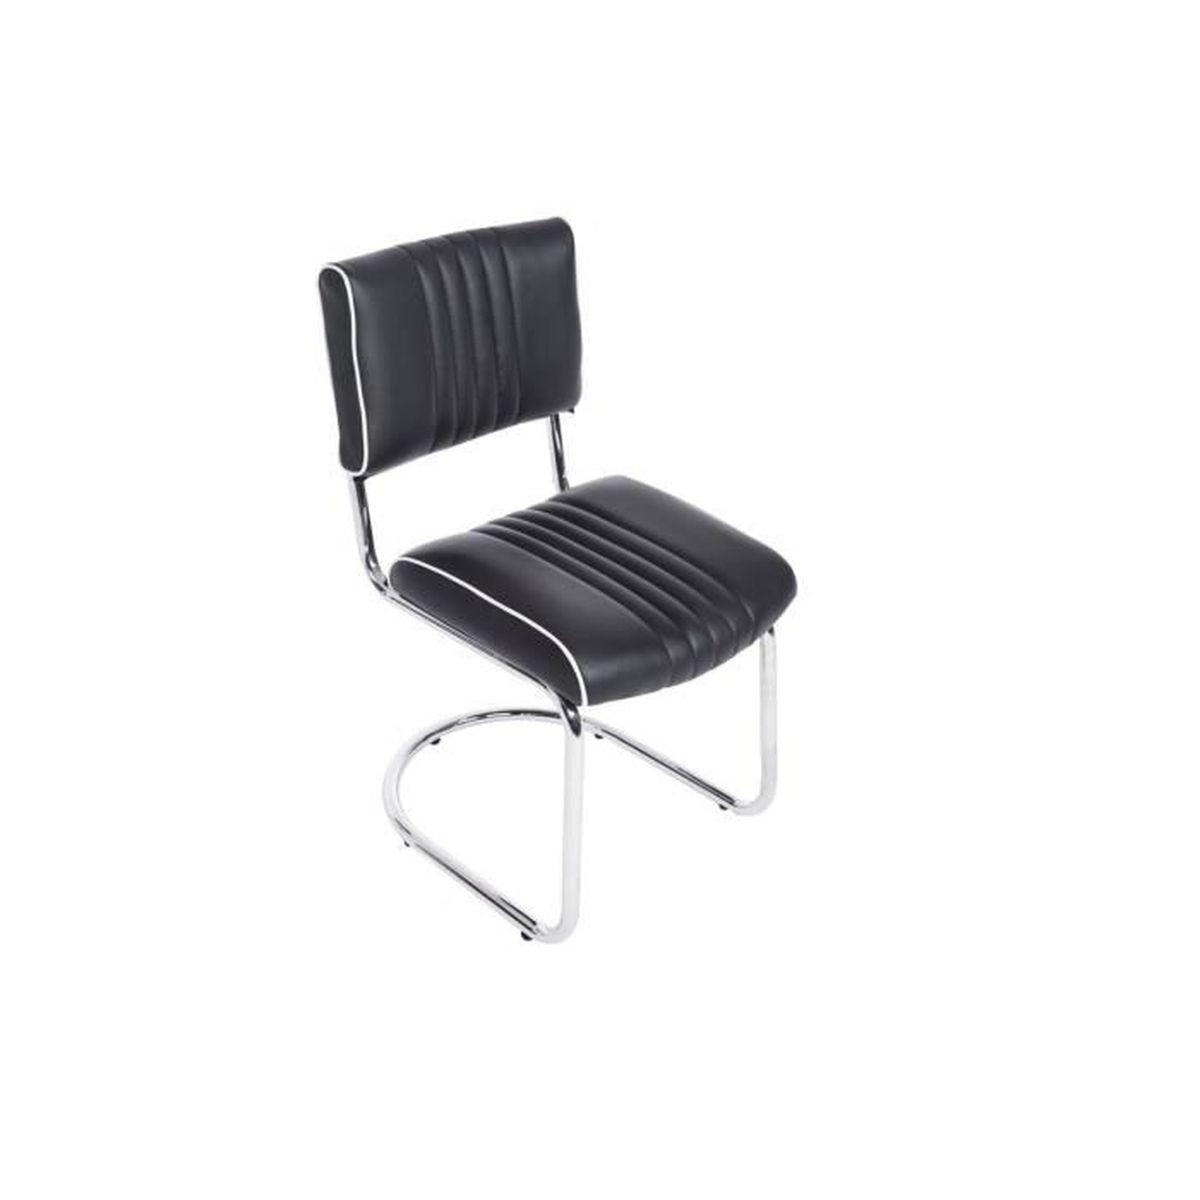 Chaise de salle manger cuisine cantilever design moderne for Chaise moderne de salle a manger noir